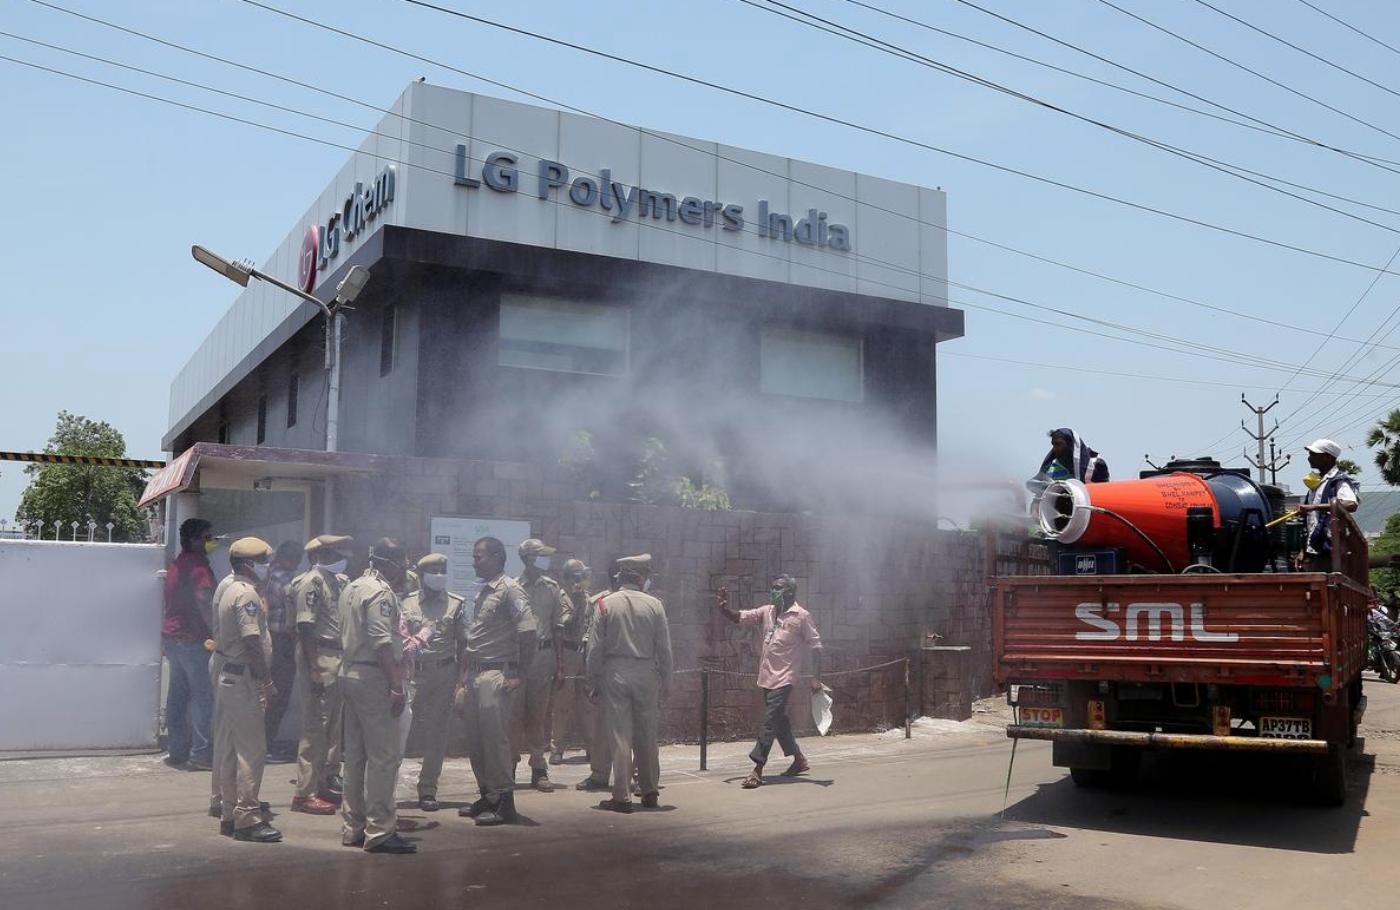 Ấn Độ bắt giữ CEO Nam Hàn cùng 11 người khác vì vụ rò rỉ khí đốt tại LG Polymers